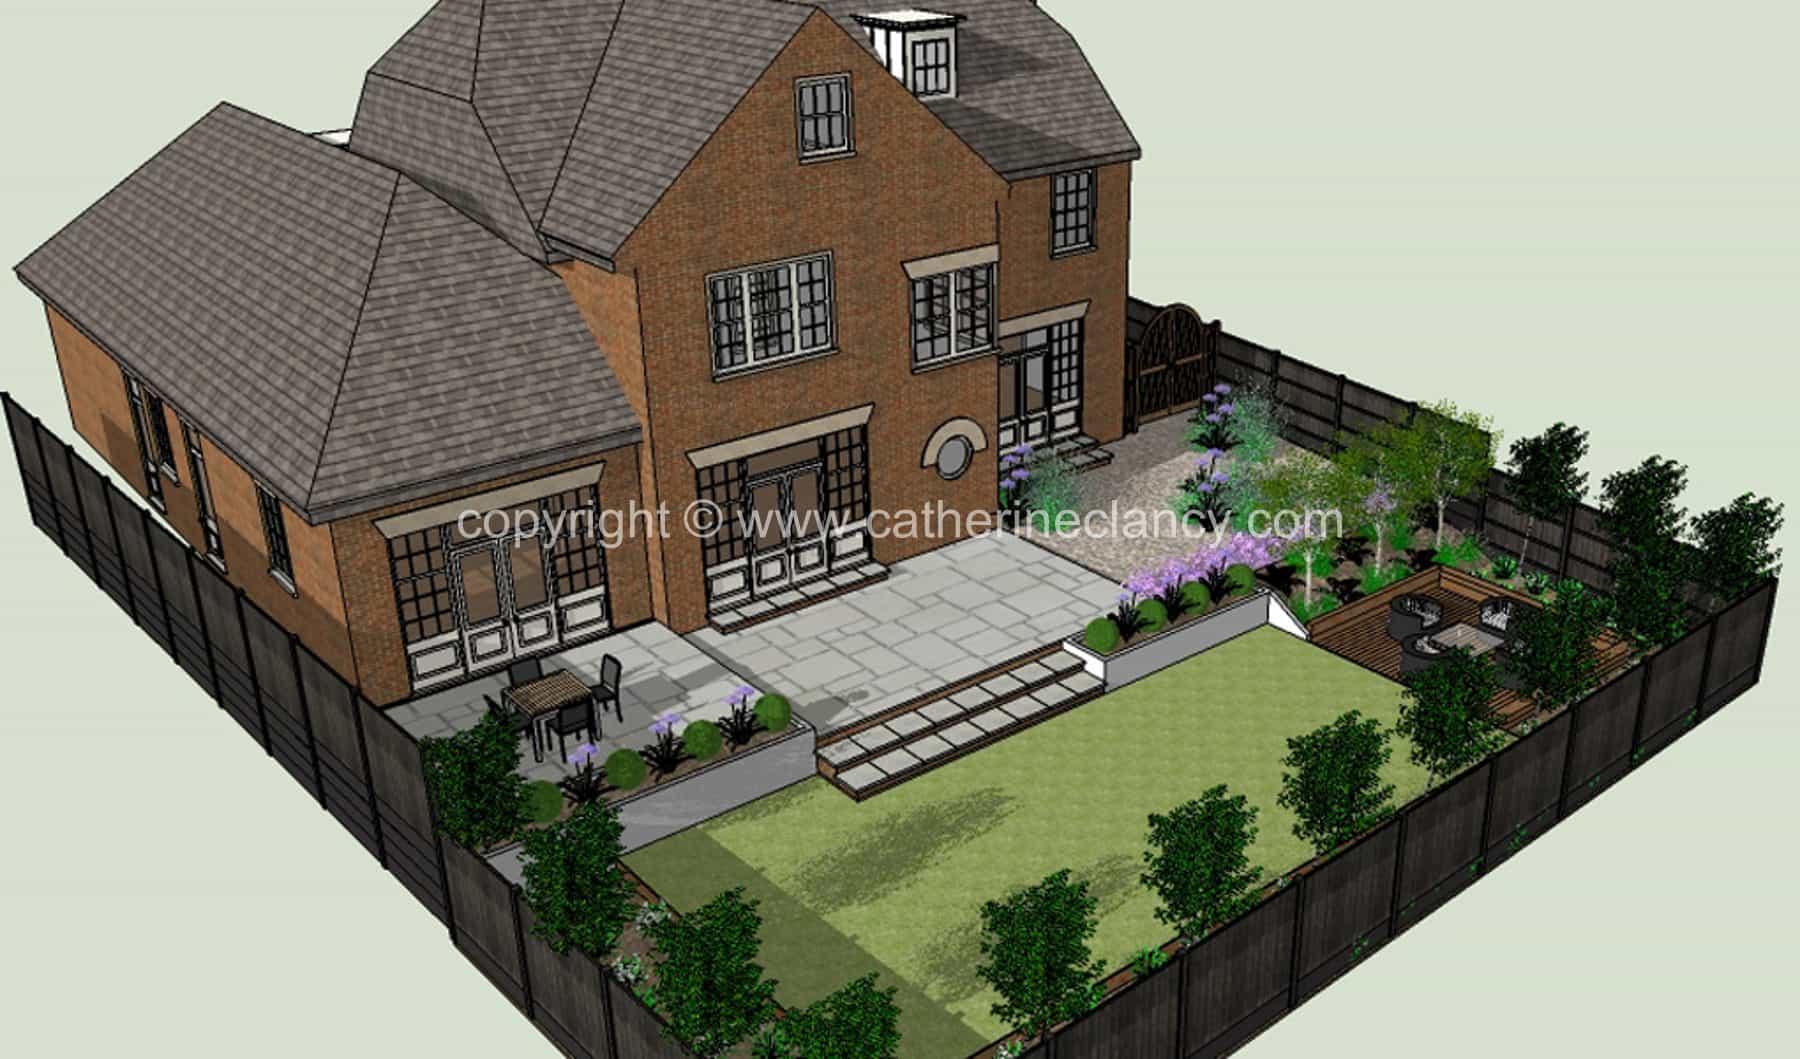 Hendon grand design garden 1 garden design london for Grand designs garden